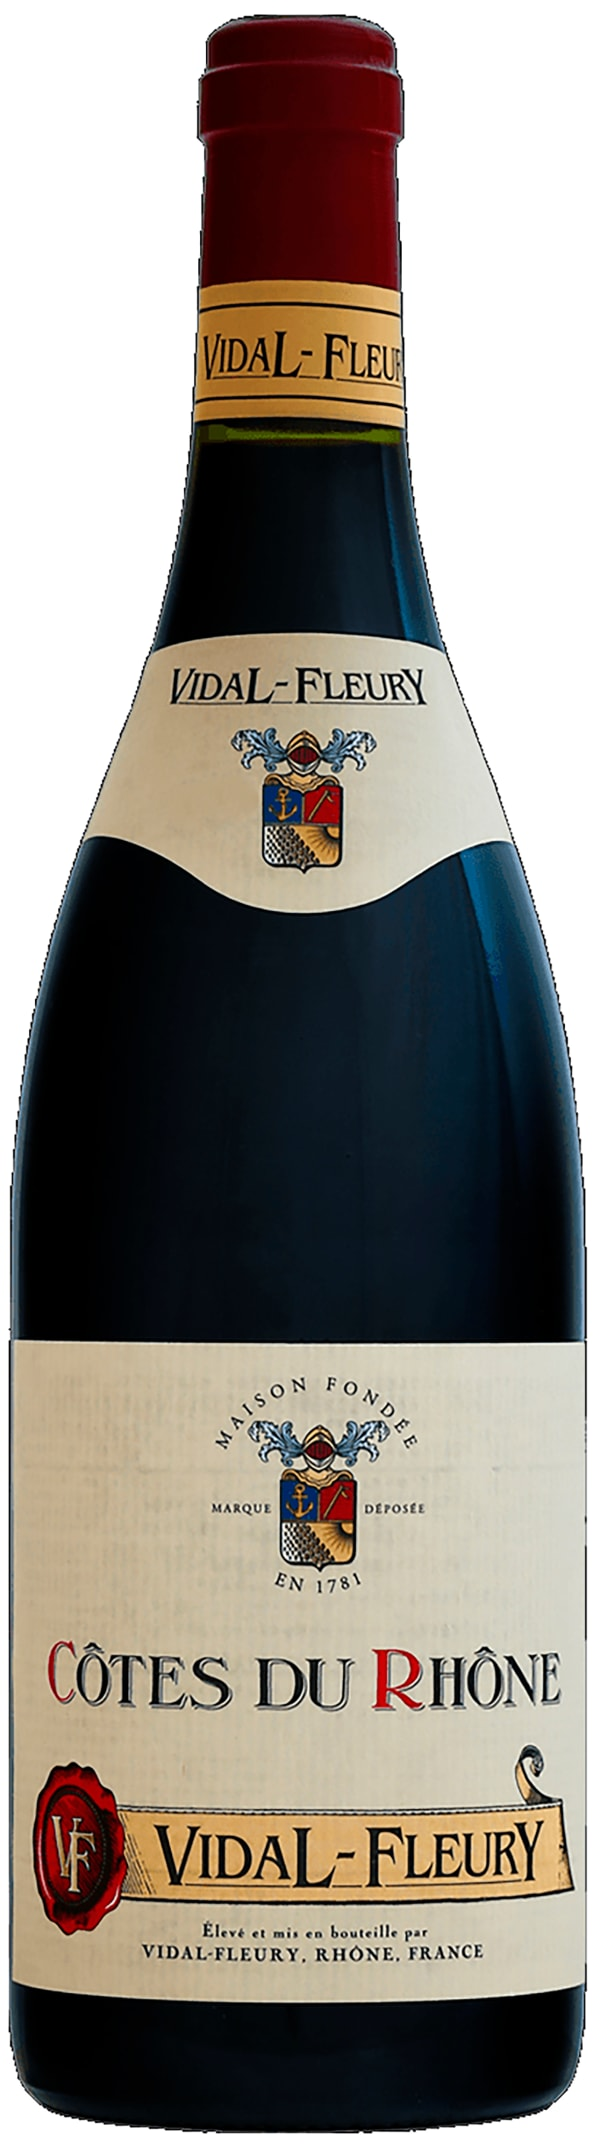 Vidal-Fleury Côtes du Rhône 2017